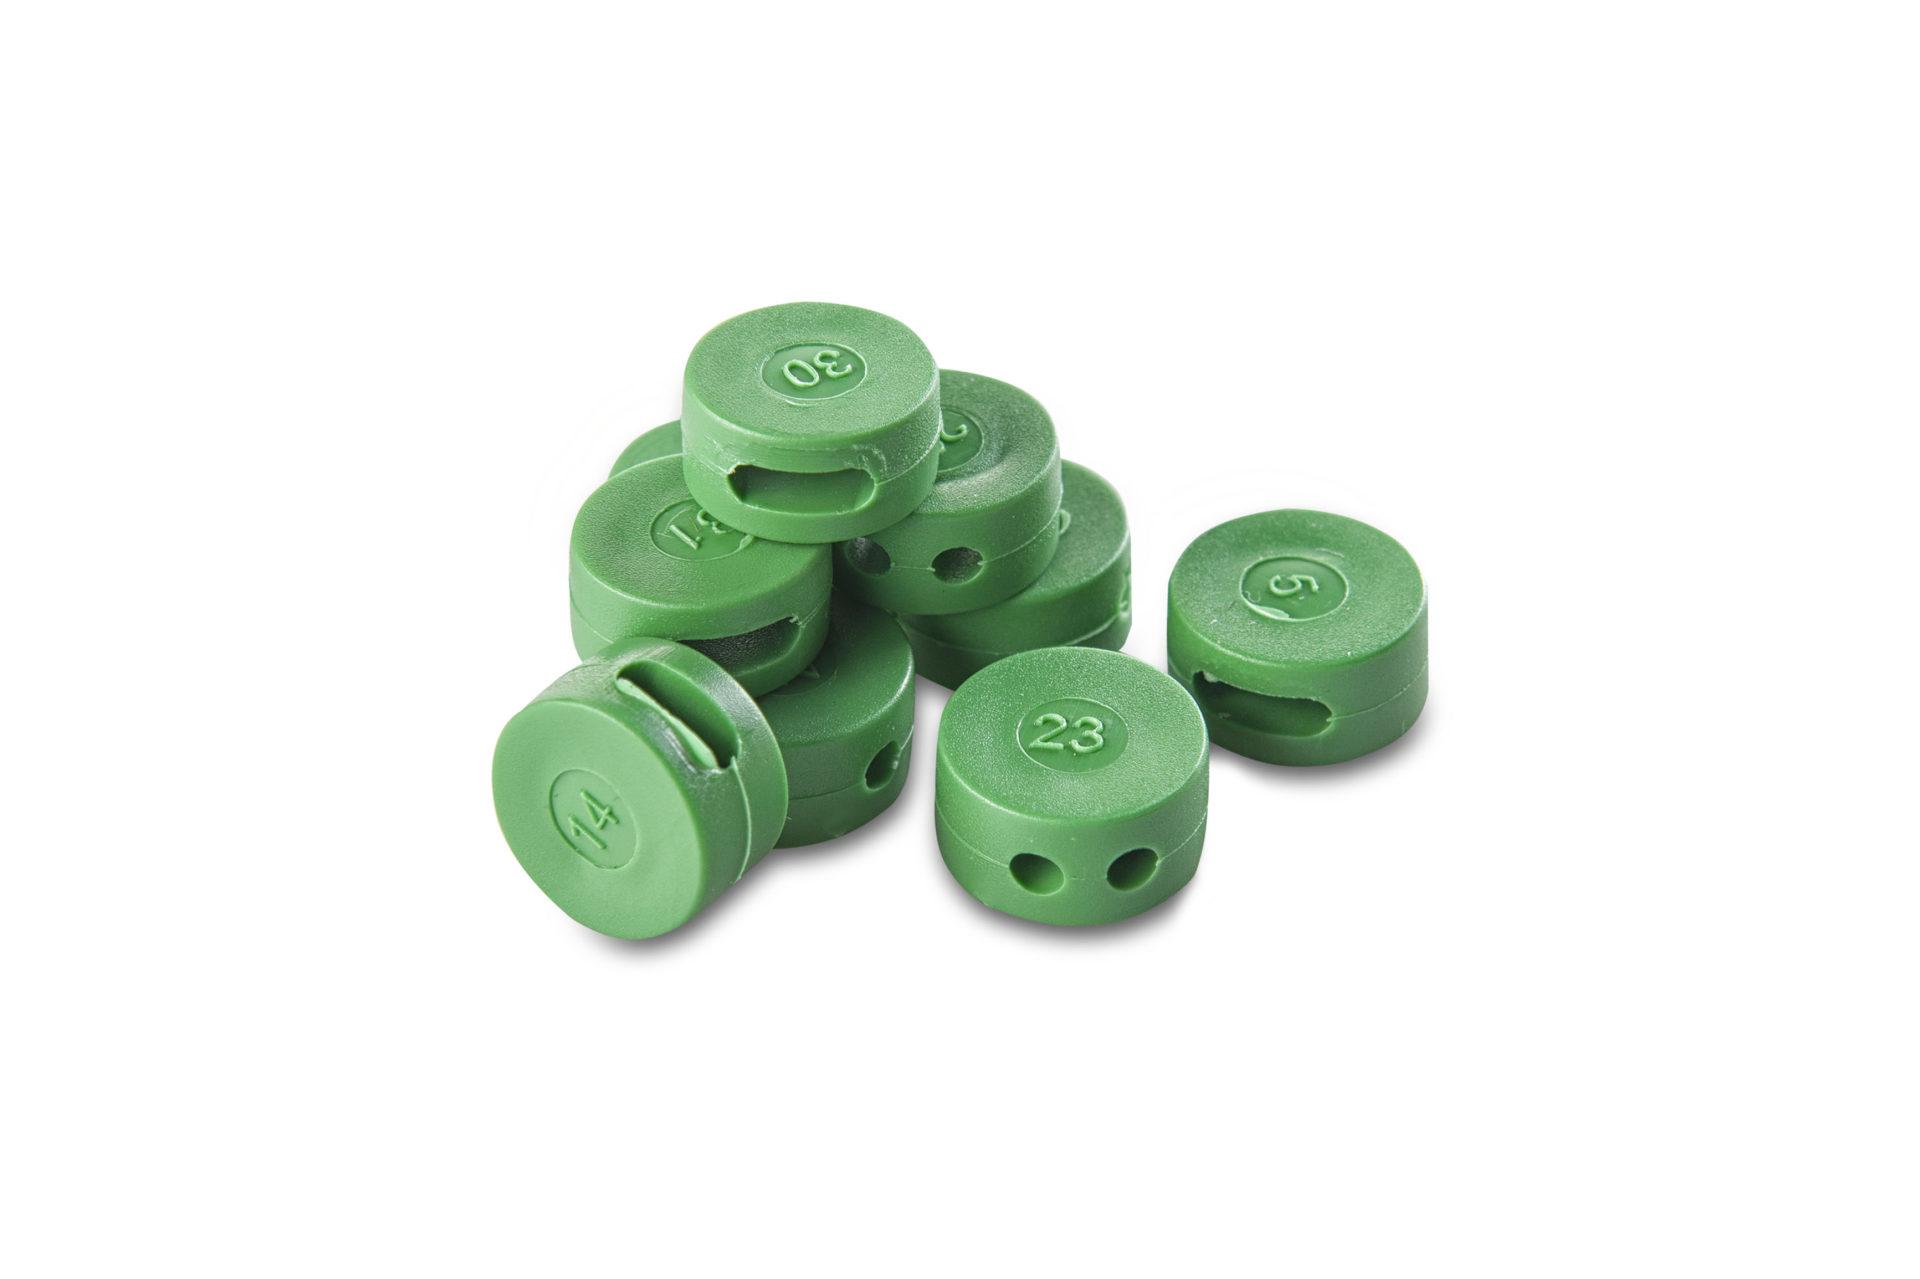 Precinto Button Seal para contadores de luz, agua y gas.